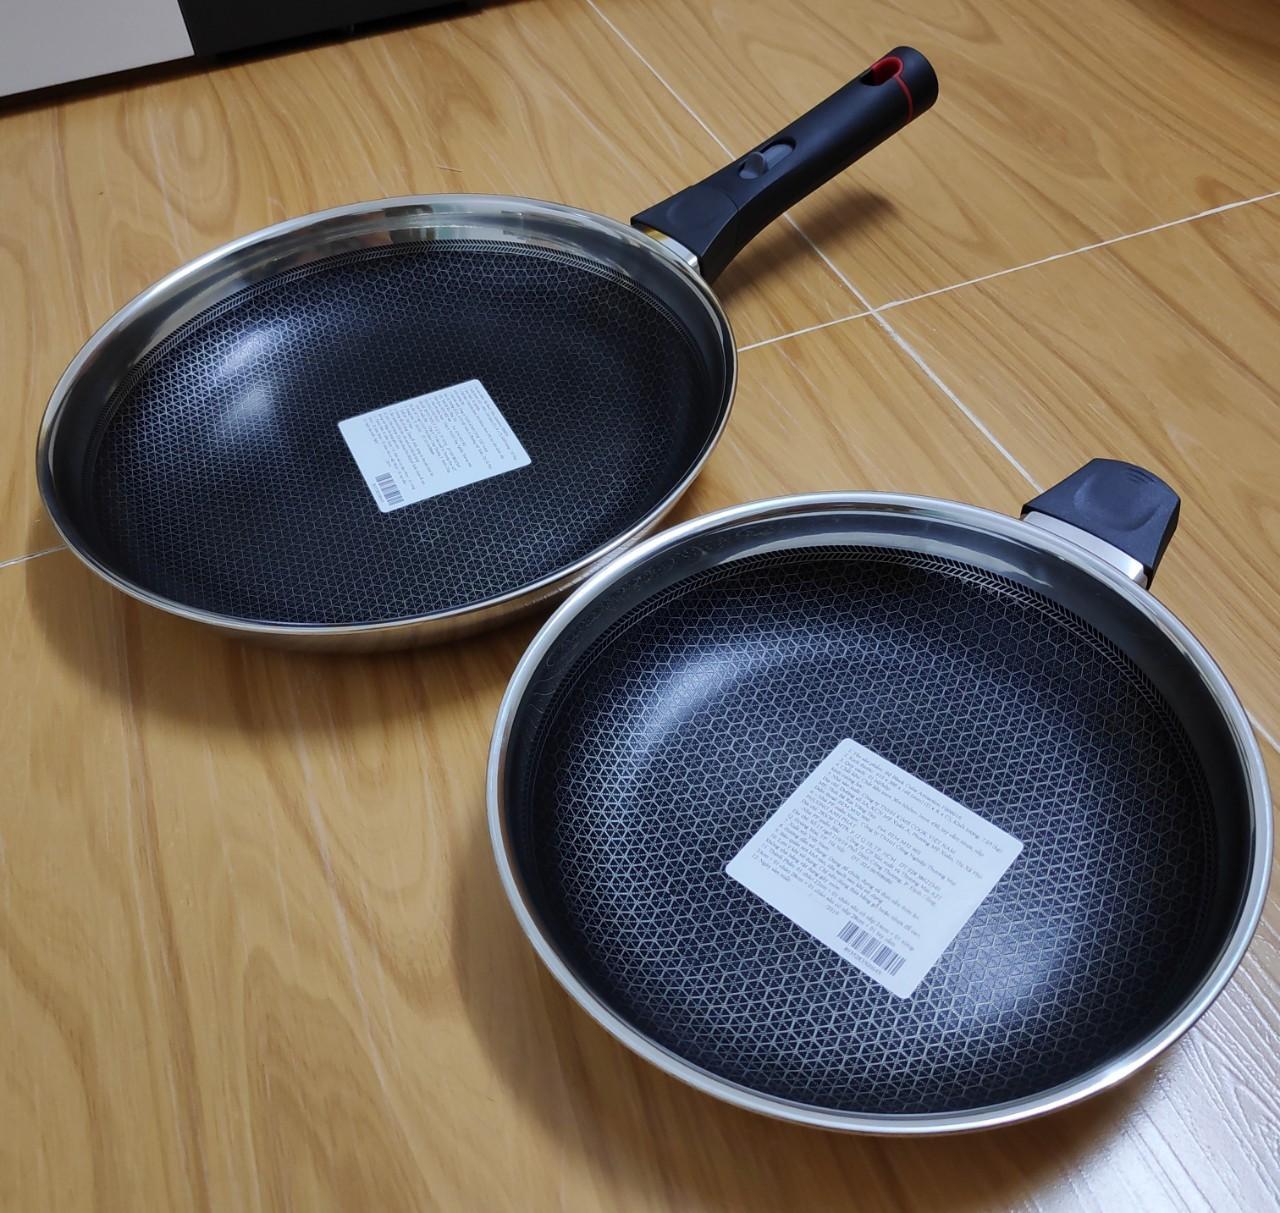 Bộ 2 chảo INOX chống dính BLACKCUCE 22cm & 28cm (T&K-KIMSCOOK)